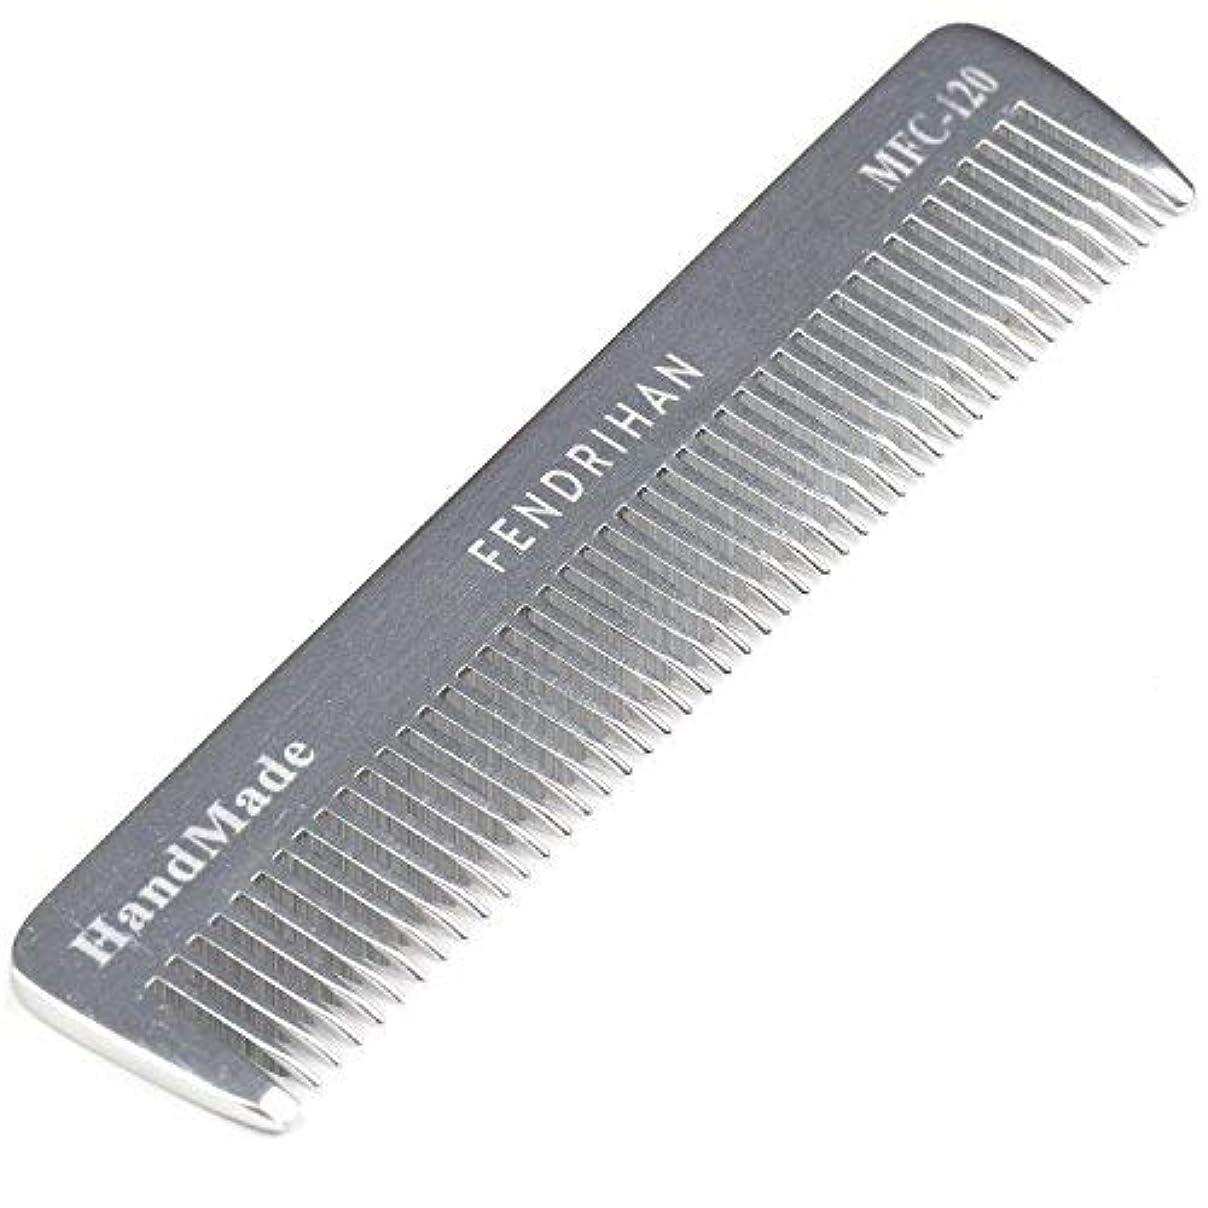 インポート材料かなりFendrihan Sturdy Metal Fine Tooth Barber Pocket Grooming Comb (4.6 Inches) [並行輸入品]